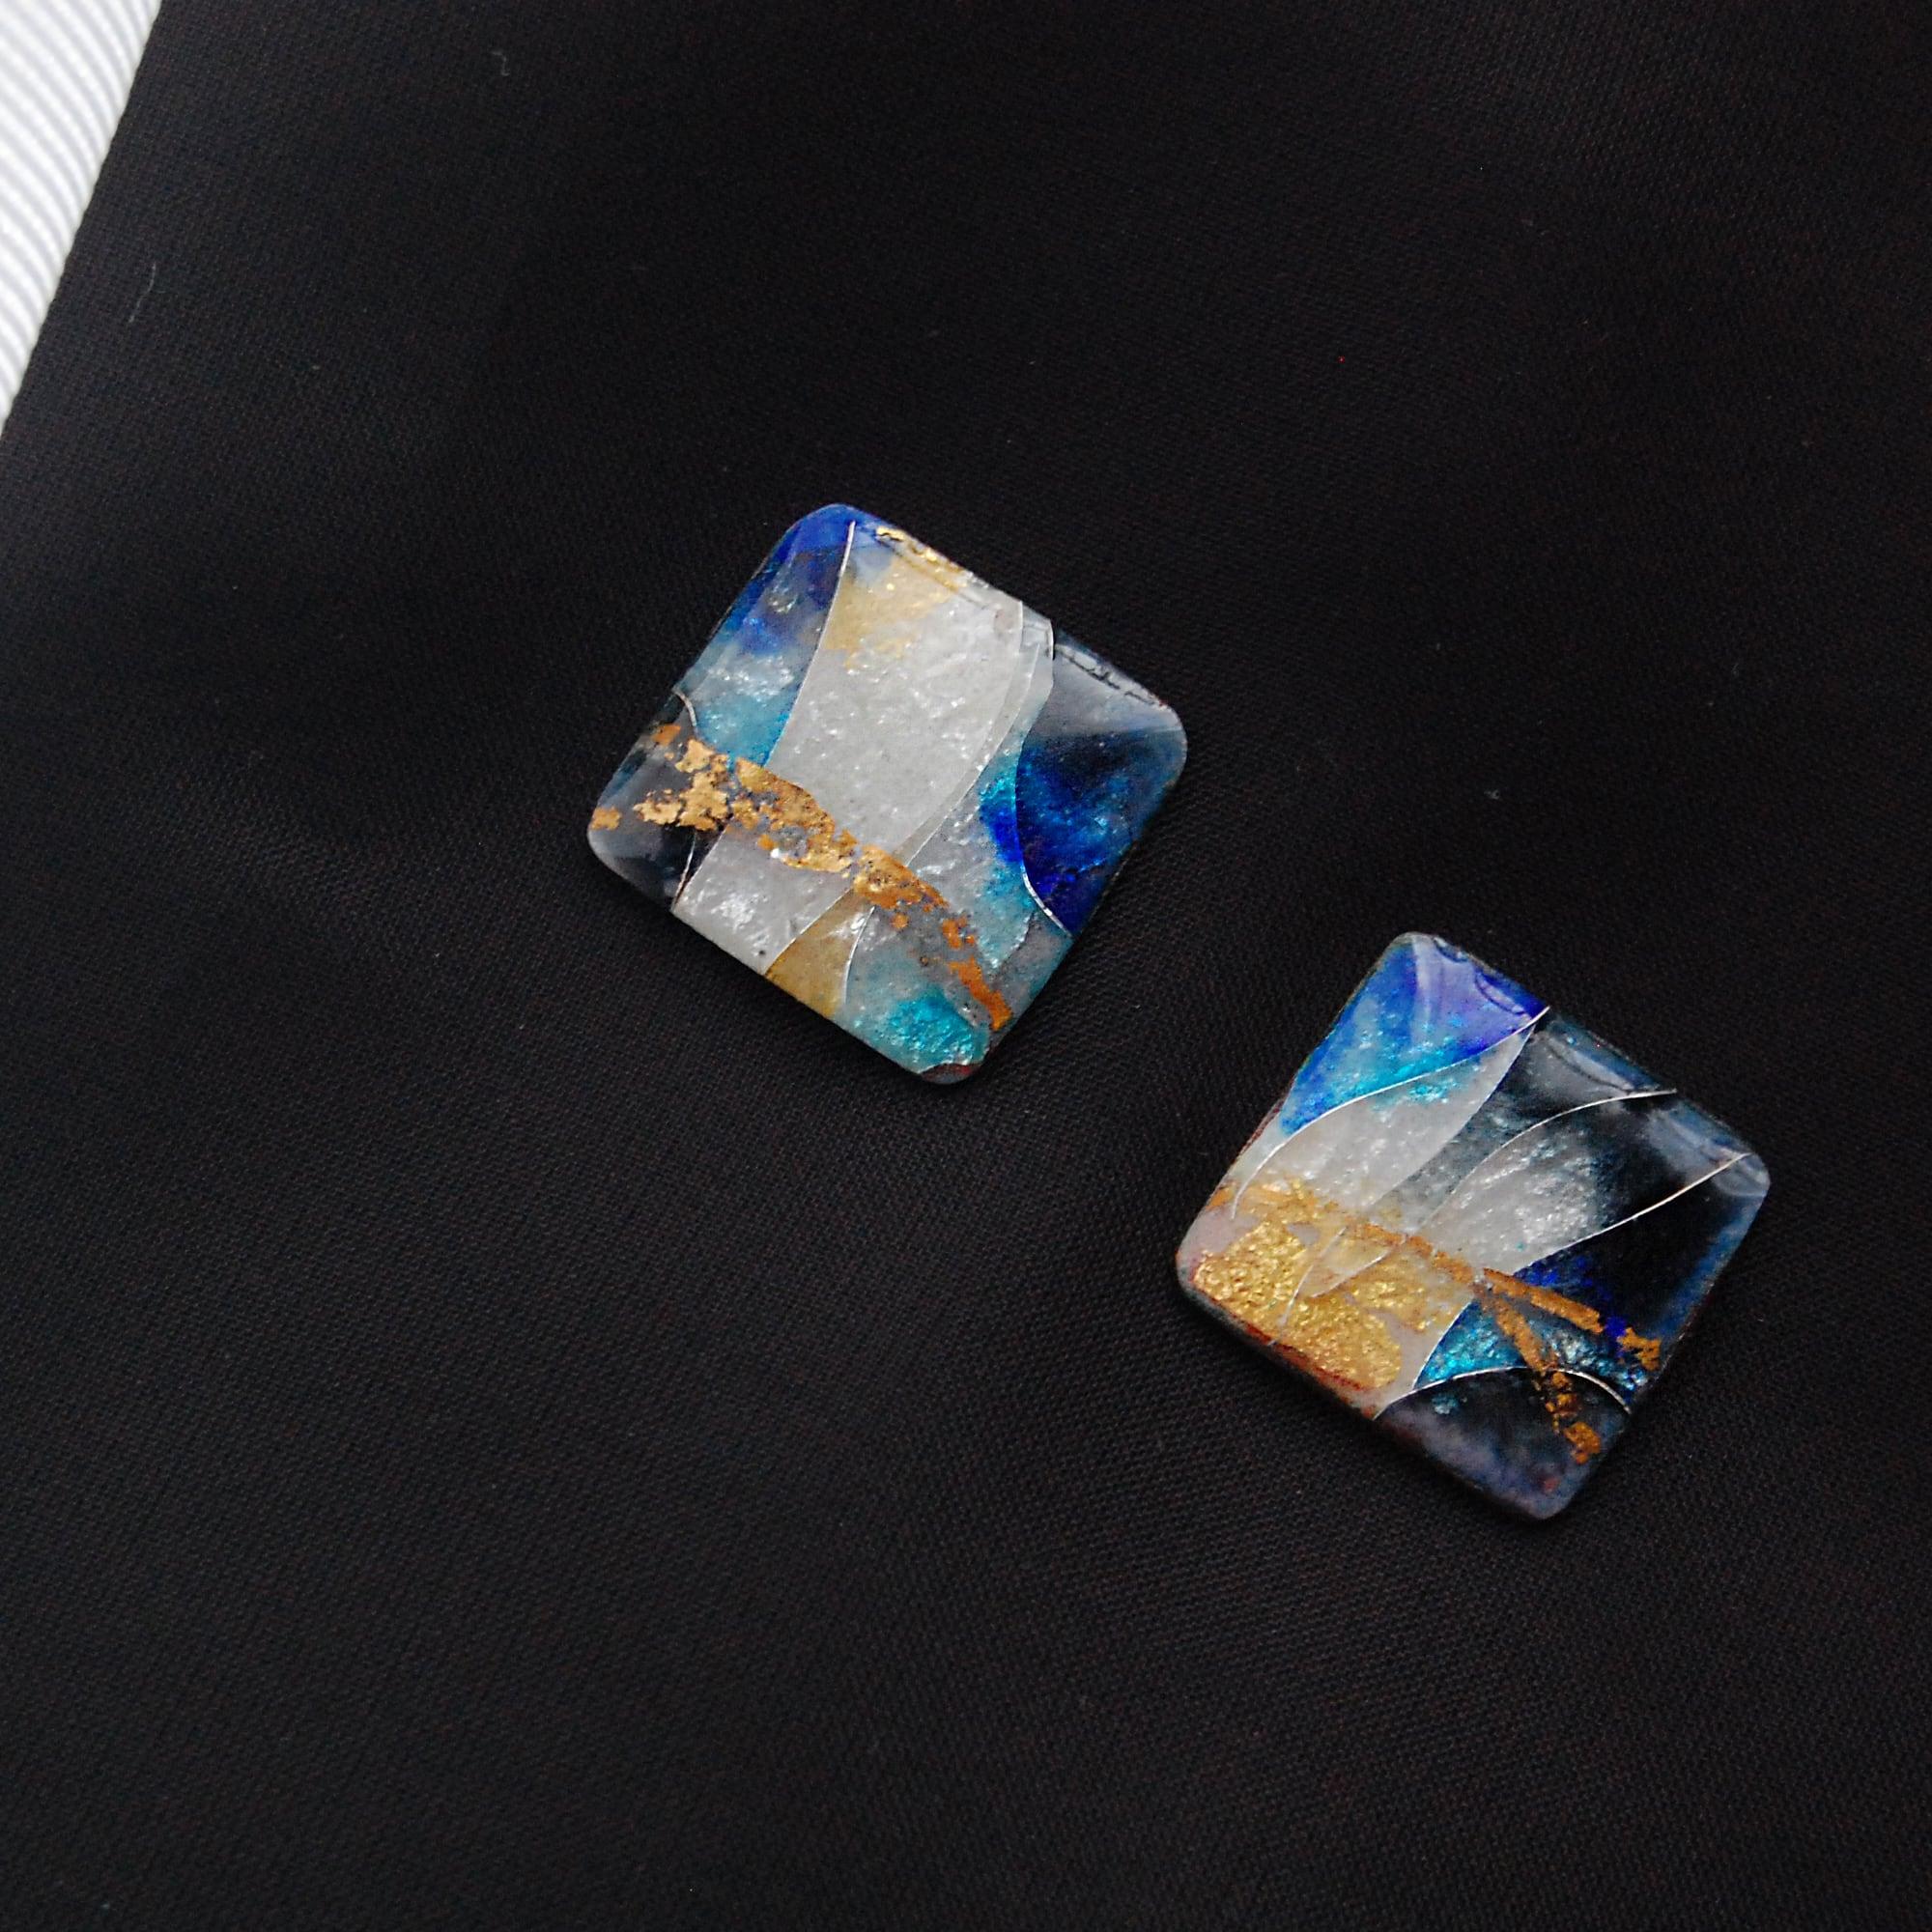 銀彩銀箔張り 青と白のまどろみ文様 カフス